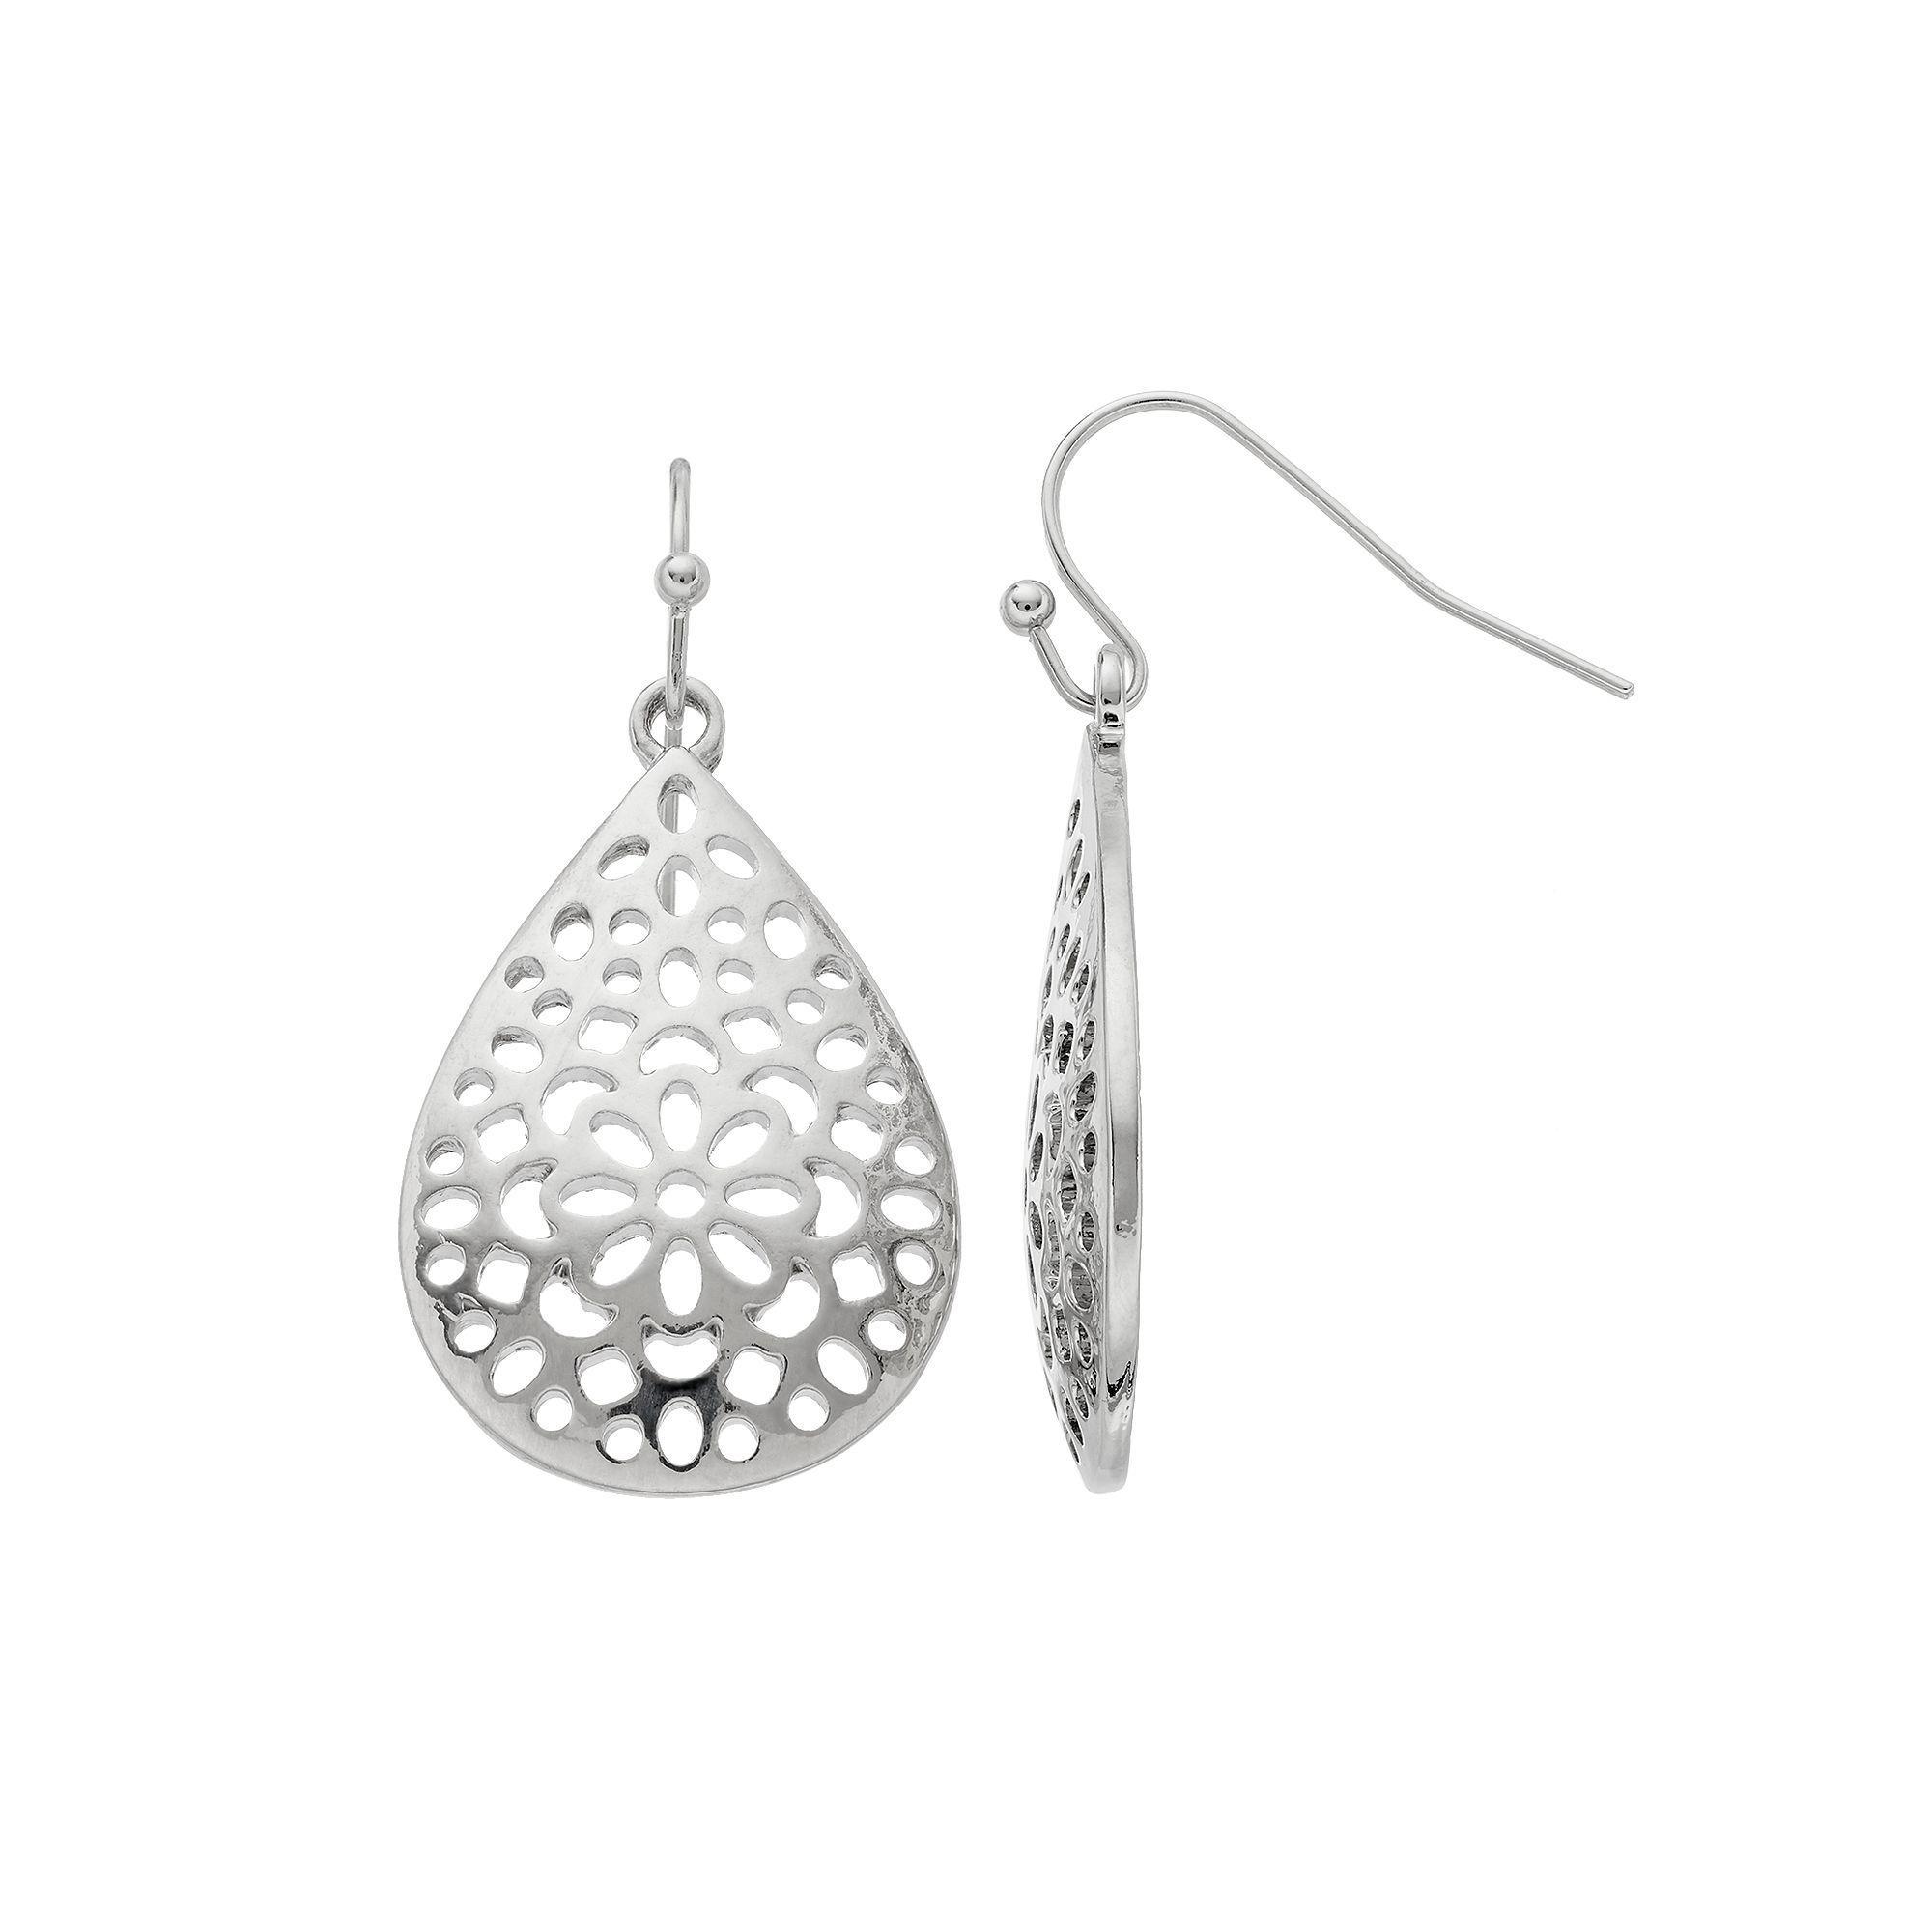 Openwork Nickel Free Teardrop Earrings, Women's, Silver